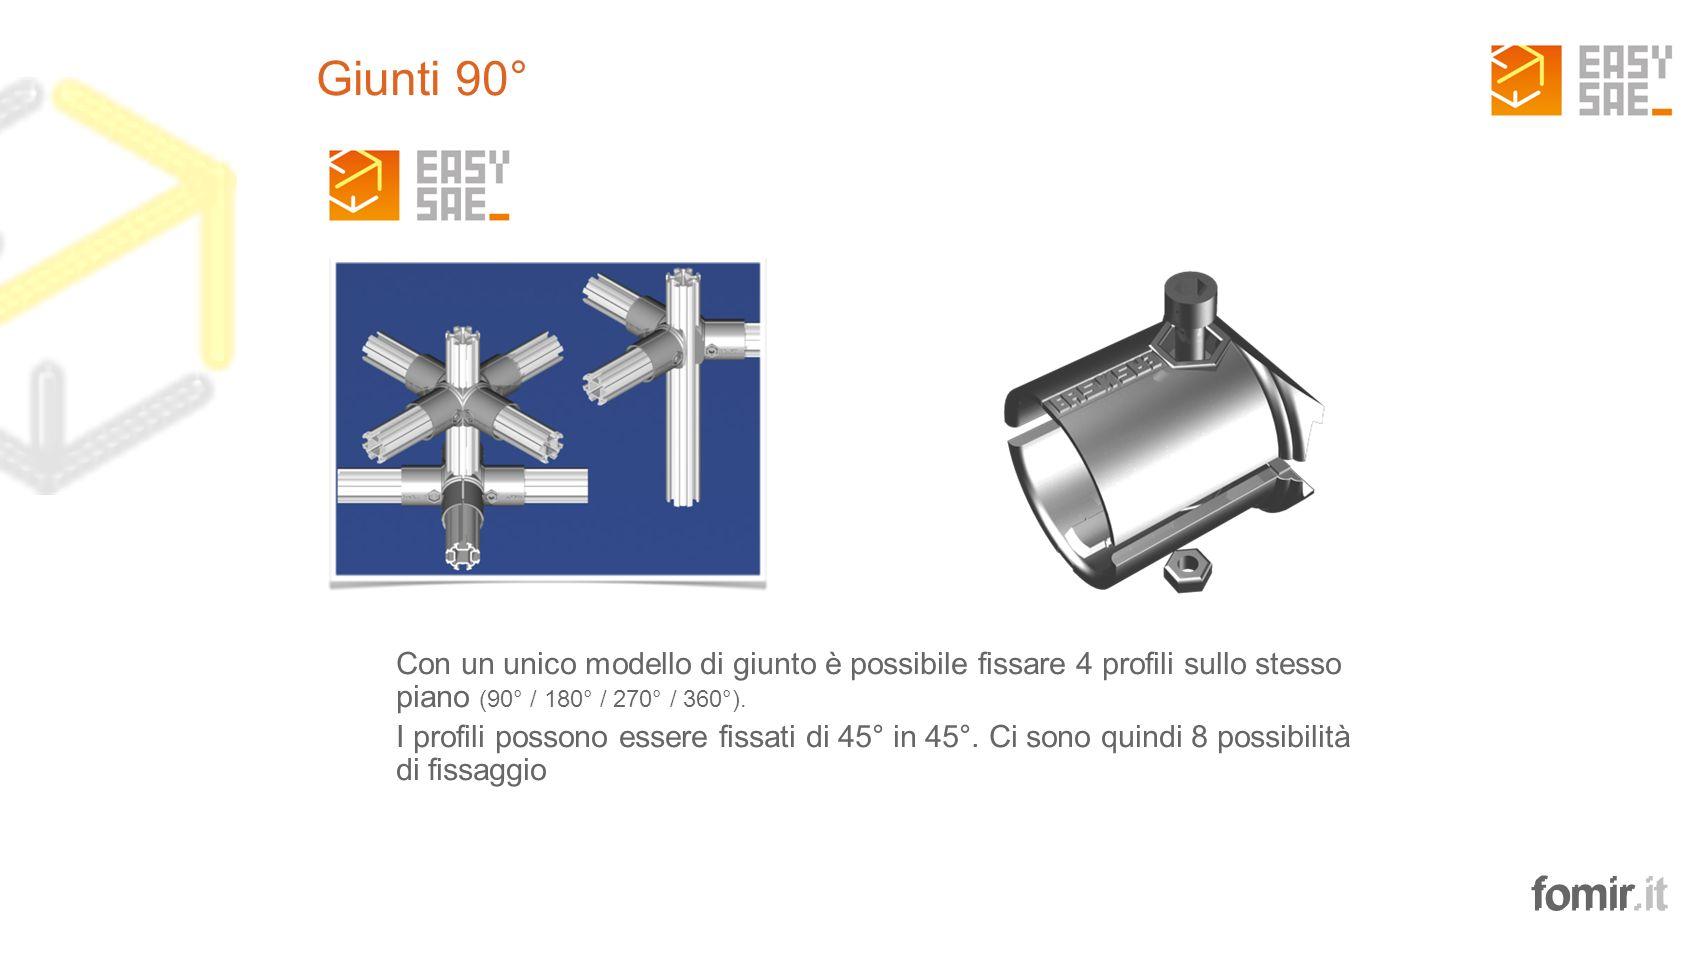 Giunti 90°Con un unico modello di giunto è possibile fissare 4 profili sullo stesso piano (90° / 180° / 270° / 360°).